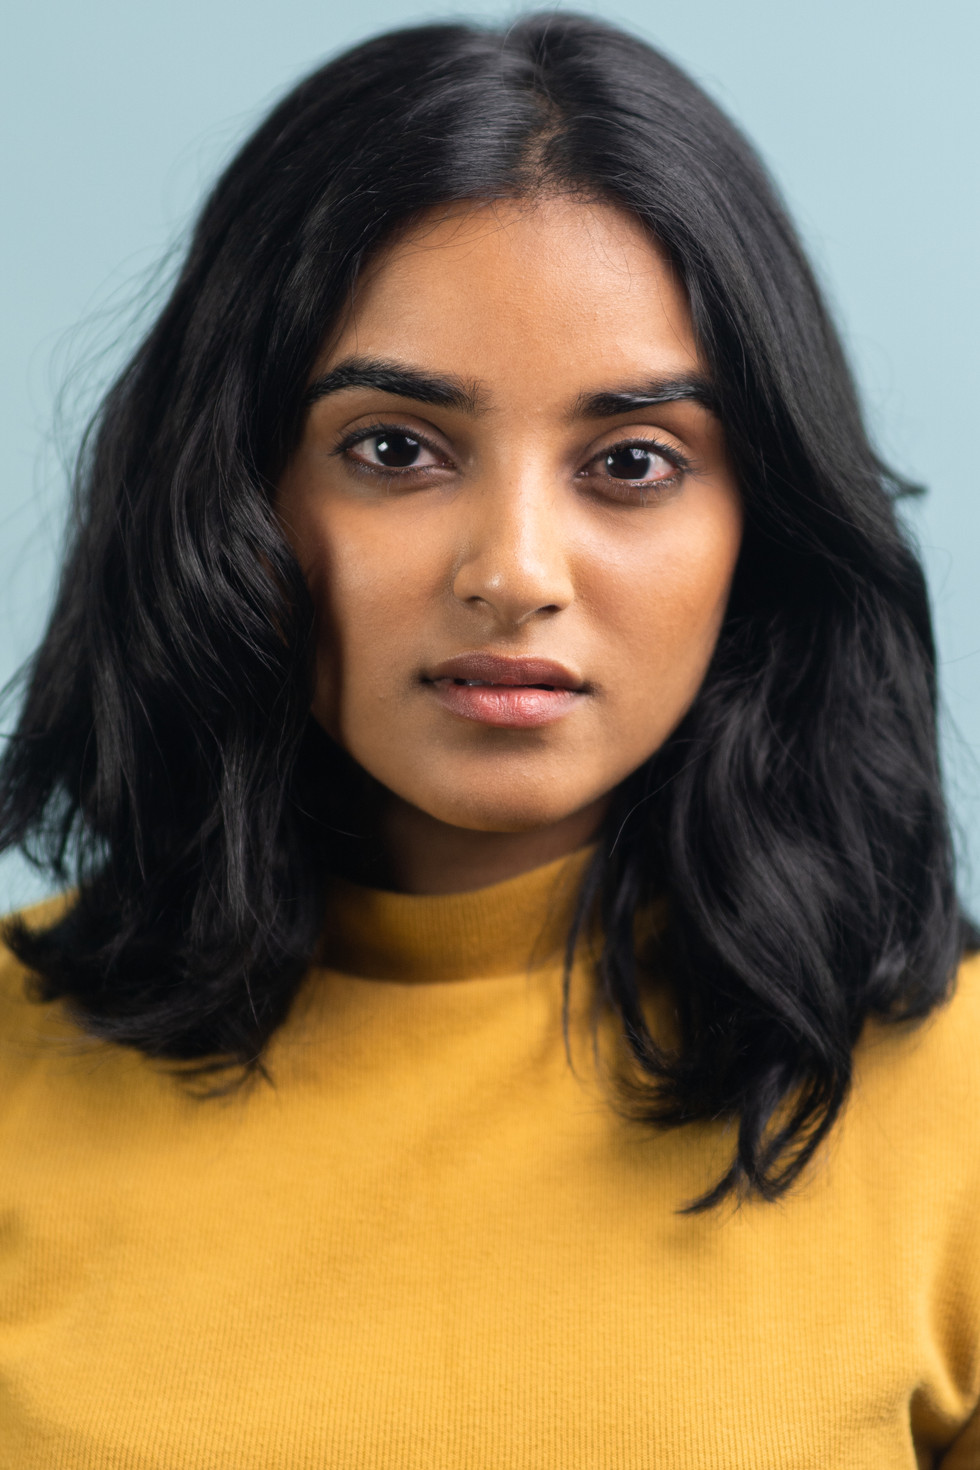 Actor Headshot on Blue | Portrait/Fashion Photography | Chromatone Studios